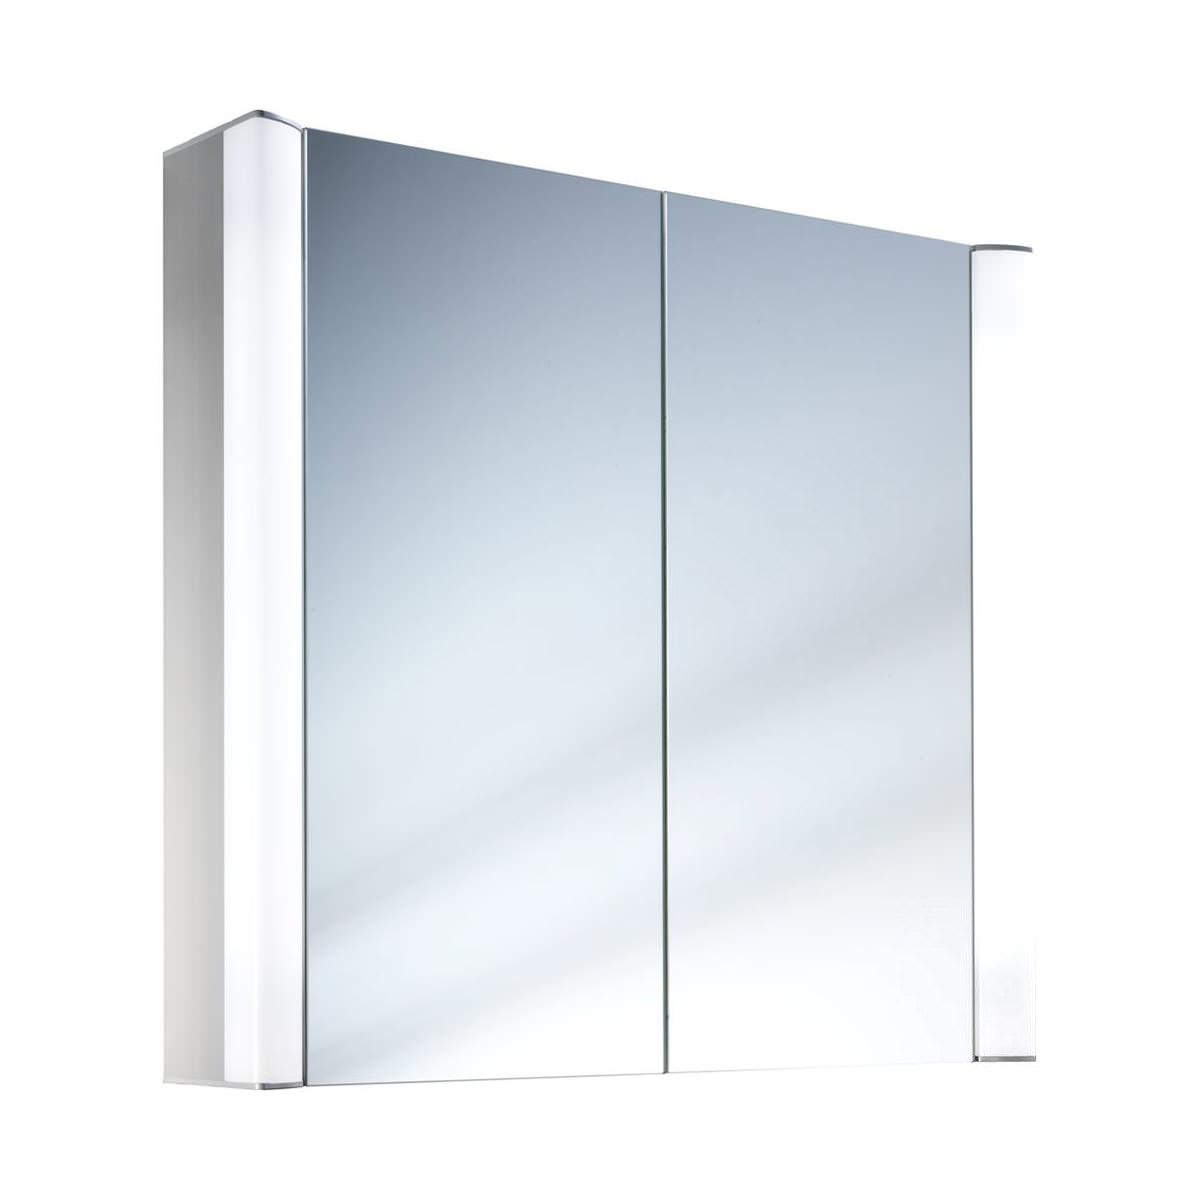 Schneider moanaline 2 door mirror cabinet 1000 x 640mm for Mirrored cabinet doors